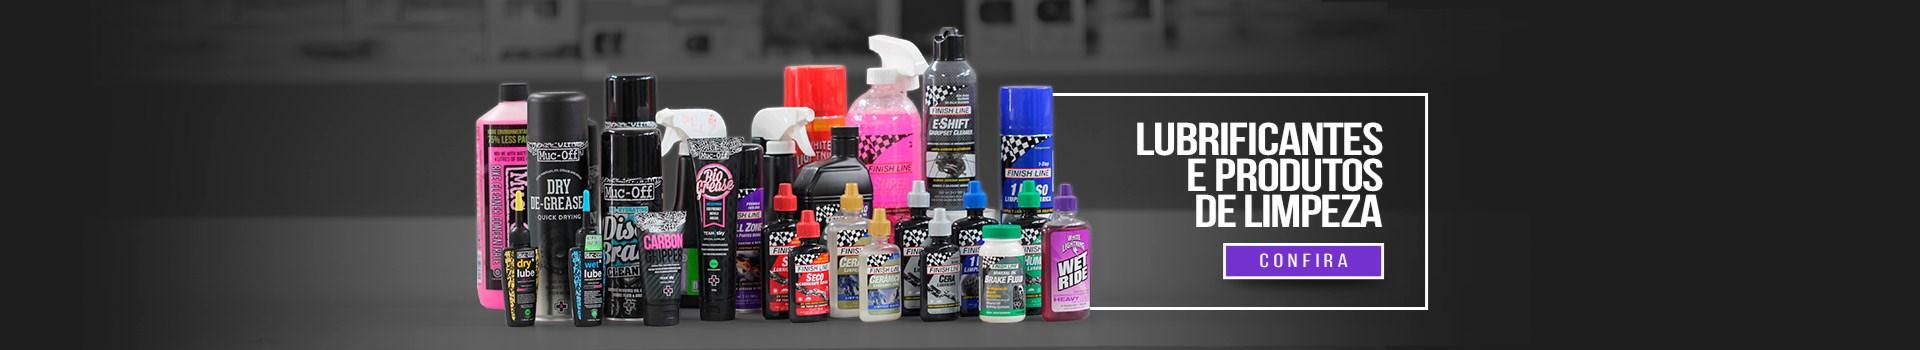 Lubrificantes e produtos de limpeza